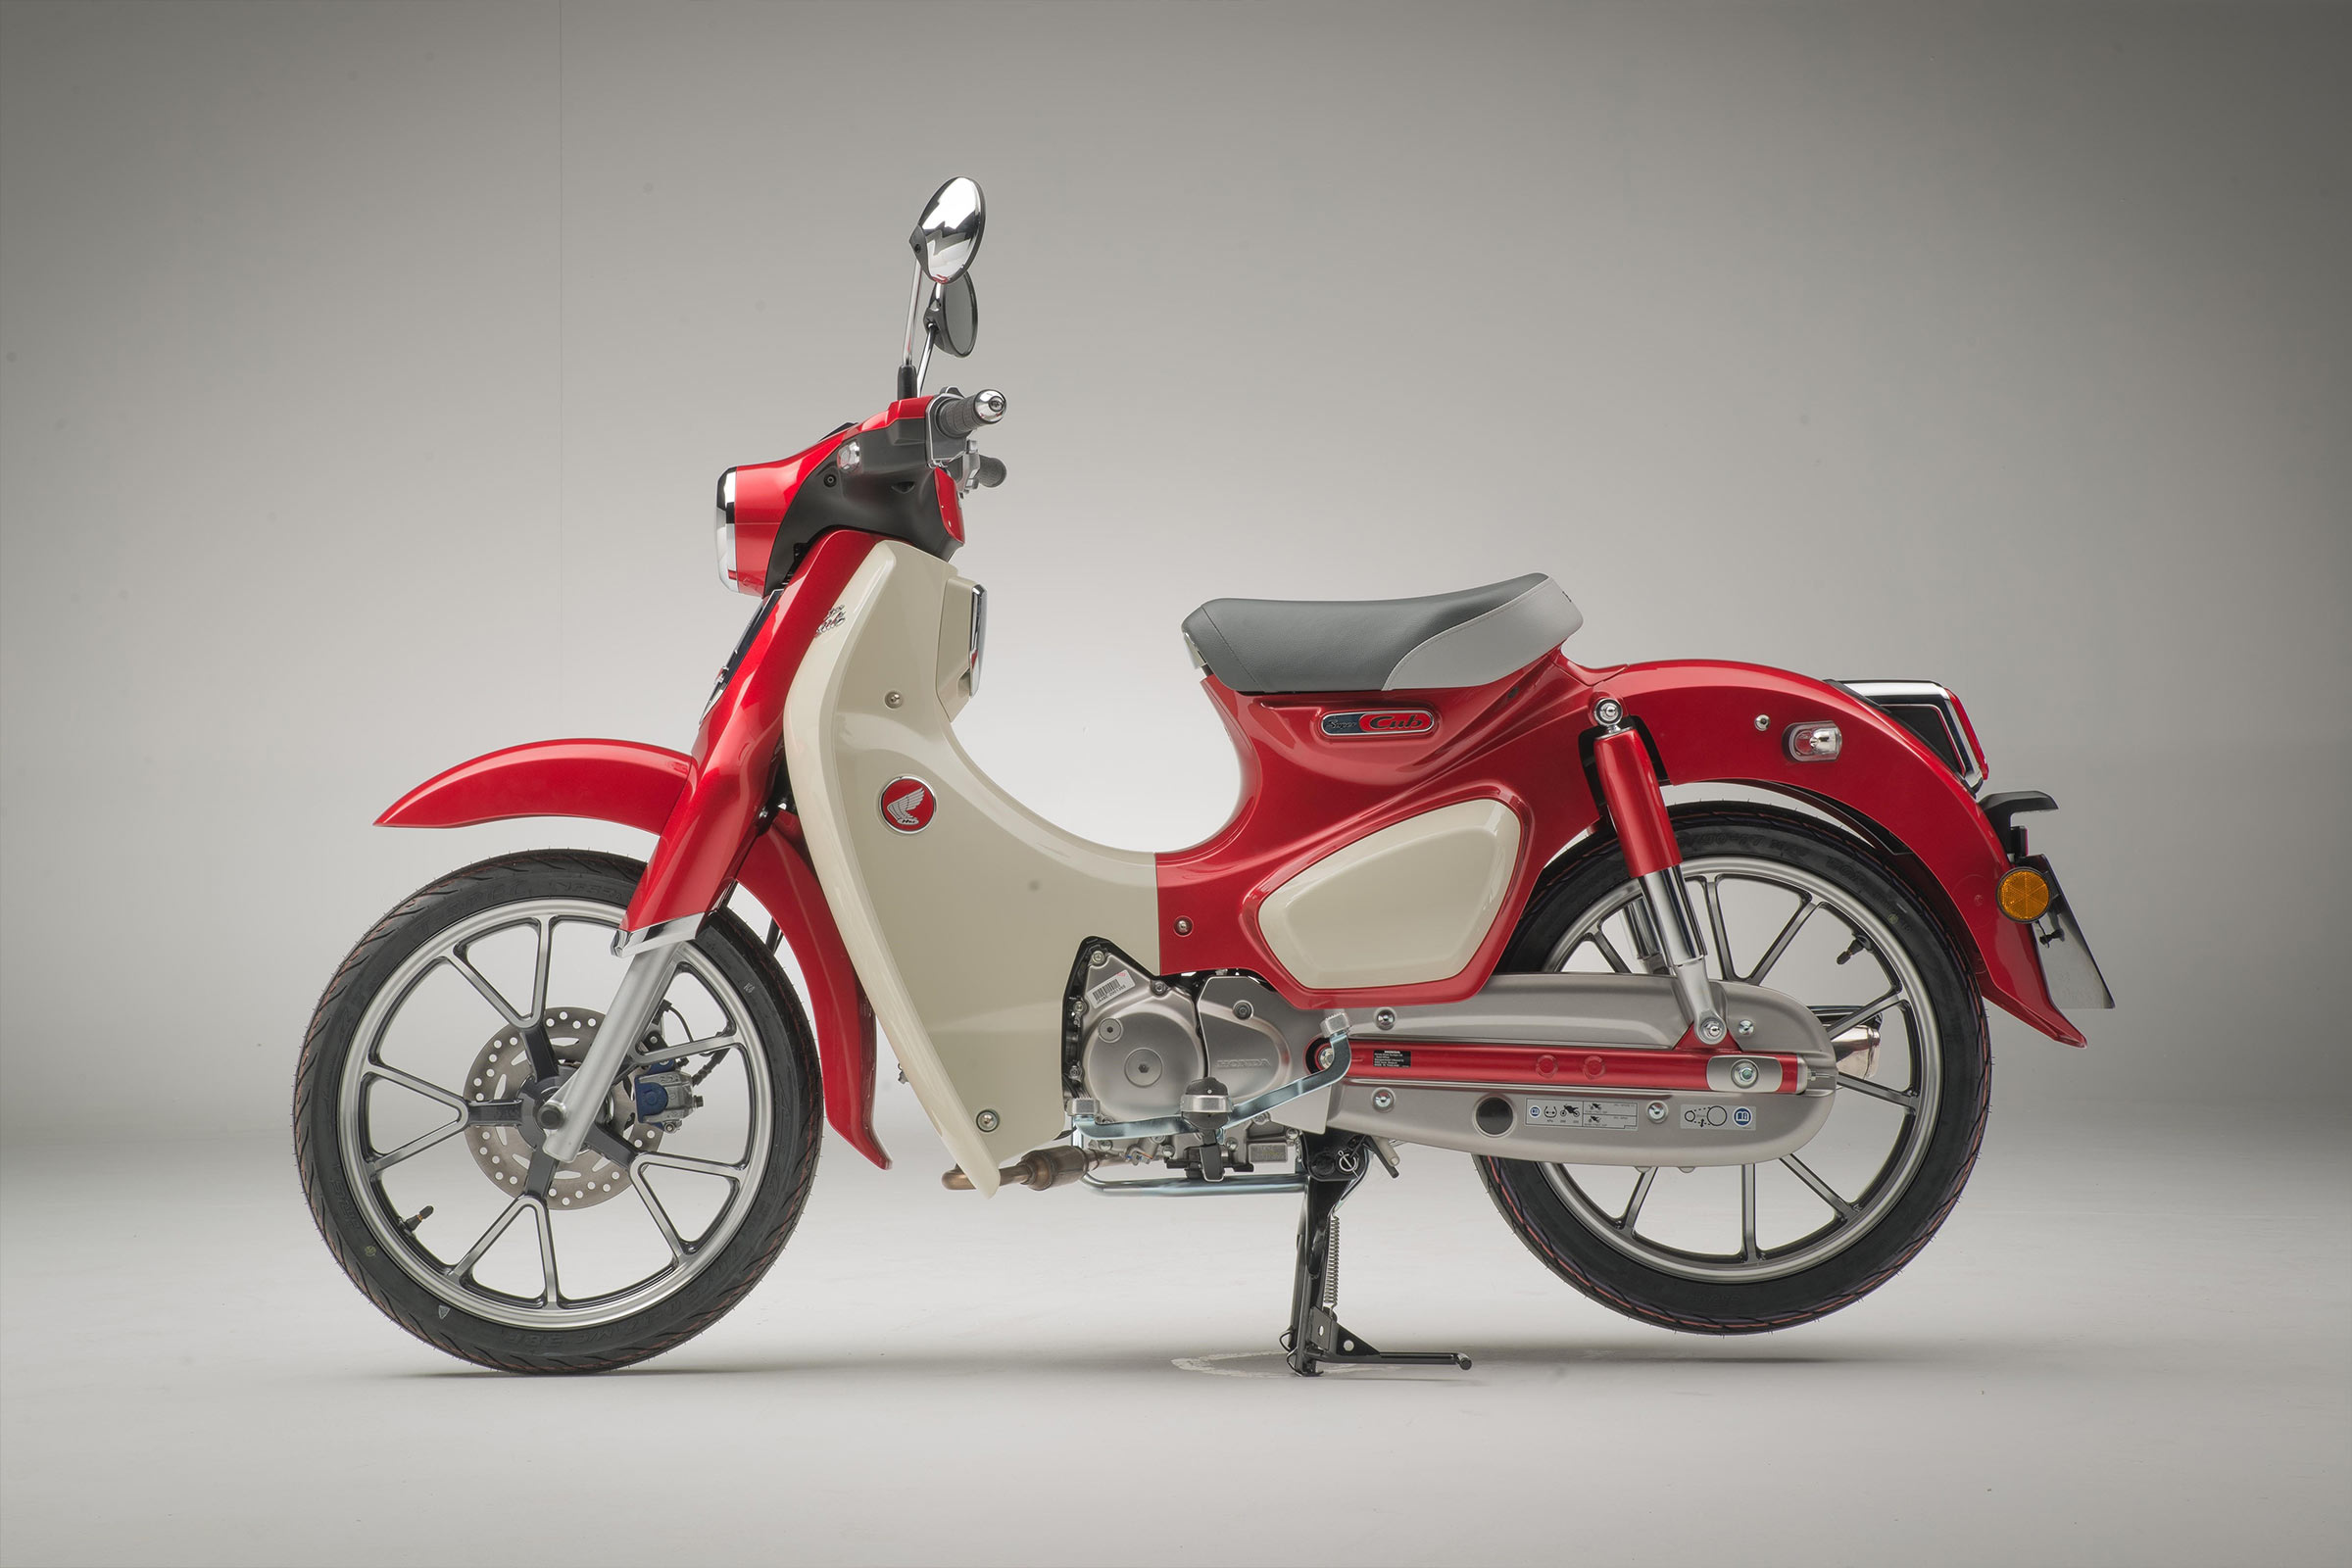 2020 Honda Super Cub C125